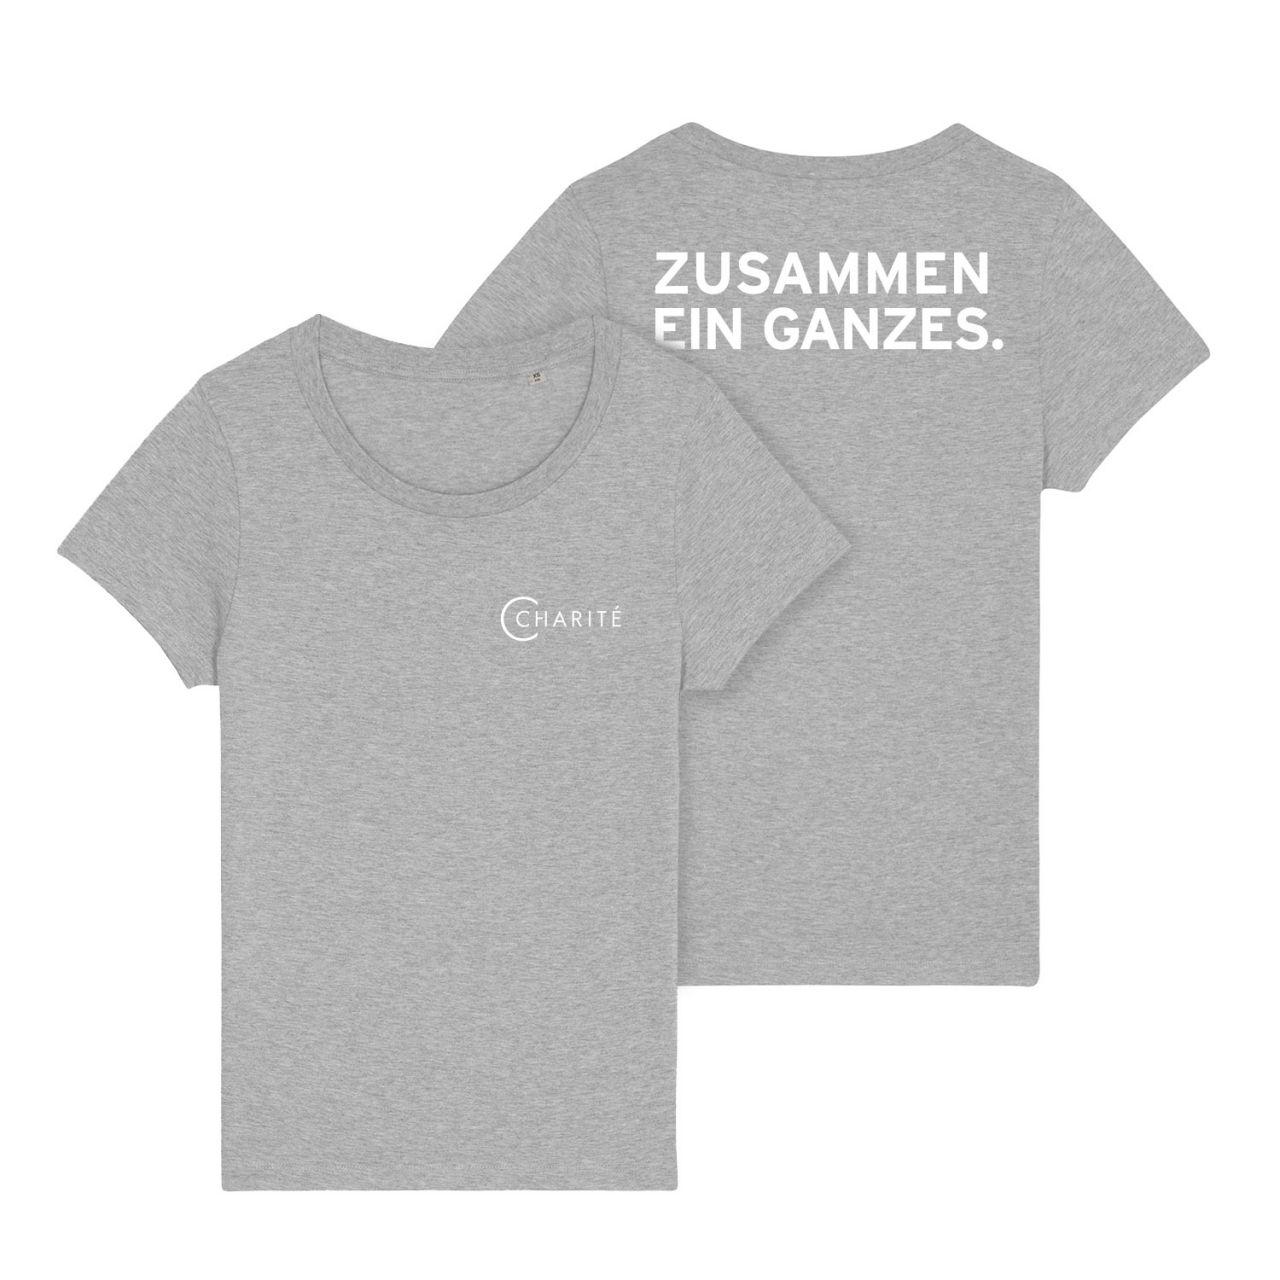 Damen T-Shirt, grau, ZEG